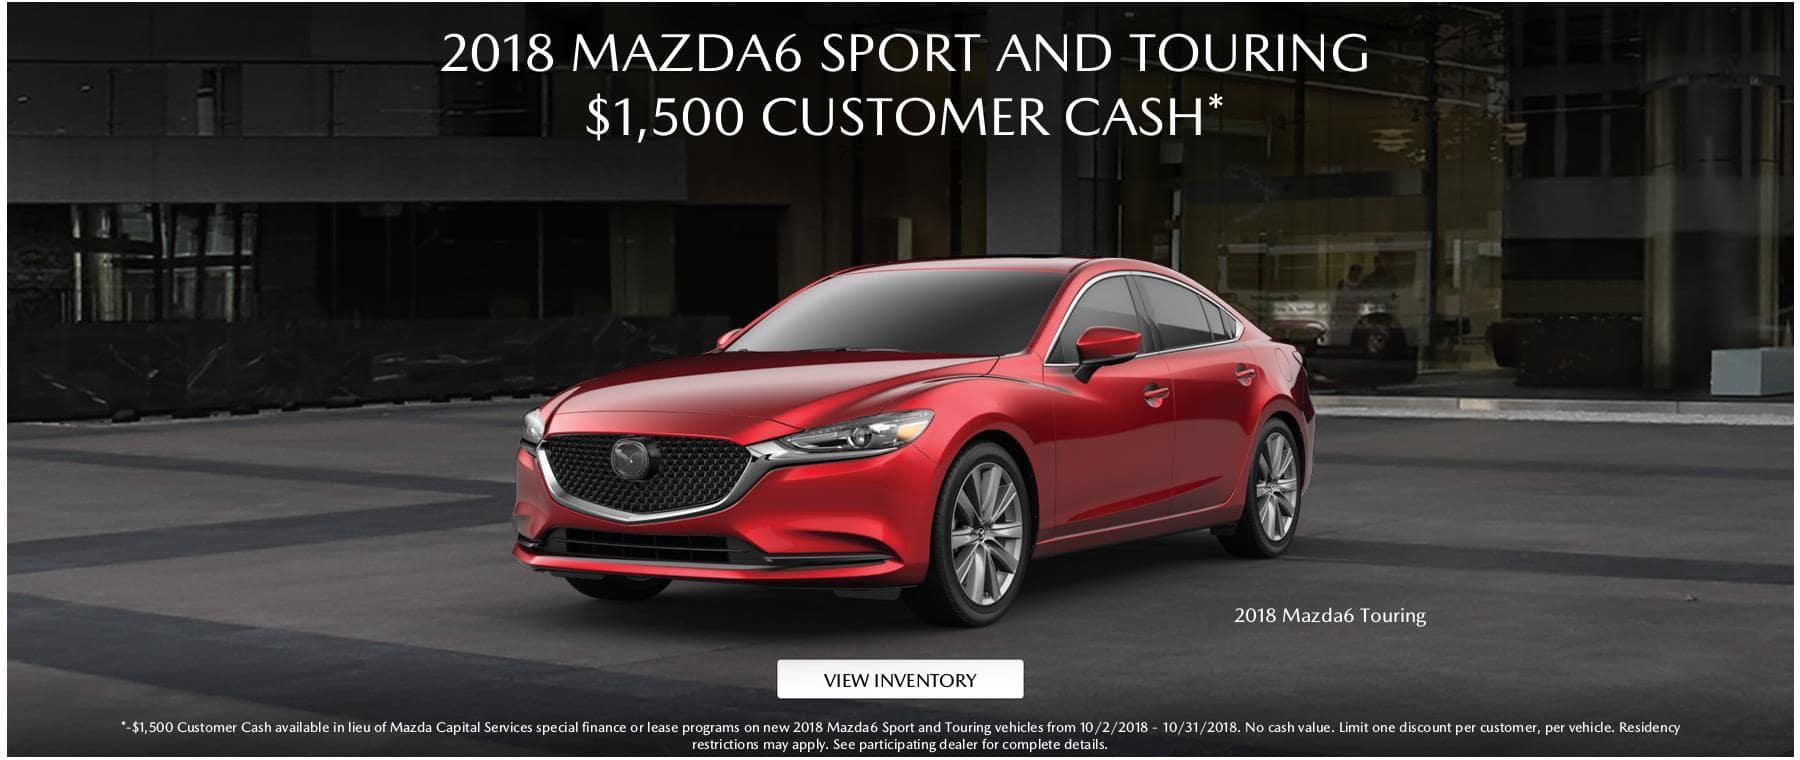 Mazda6 1500 CC